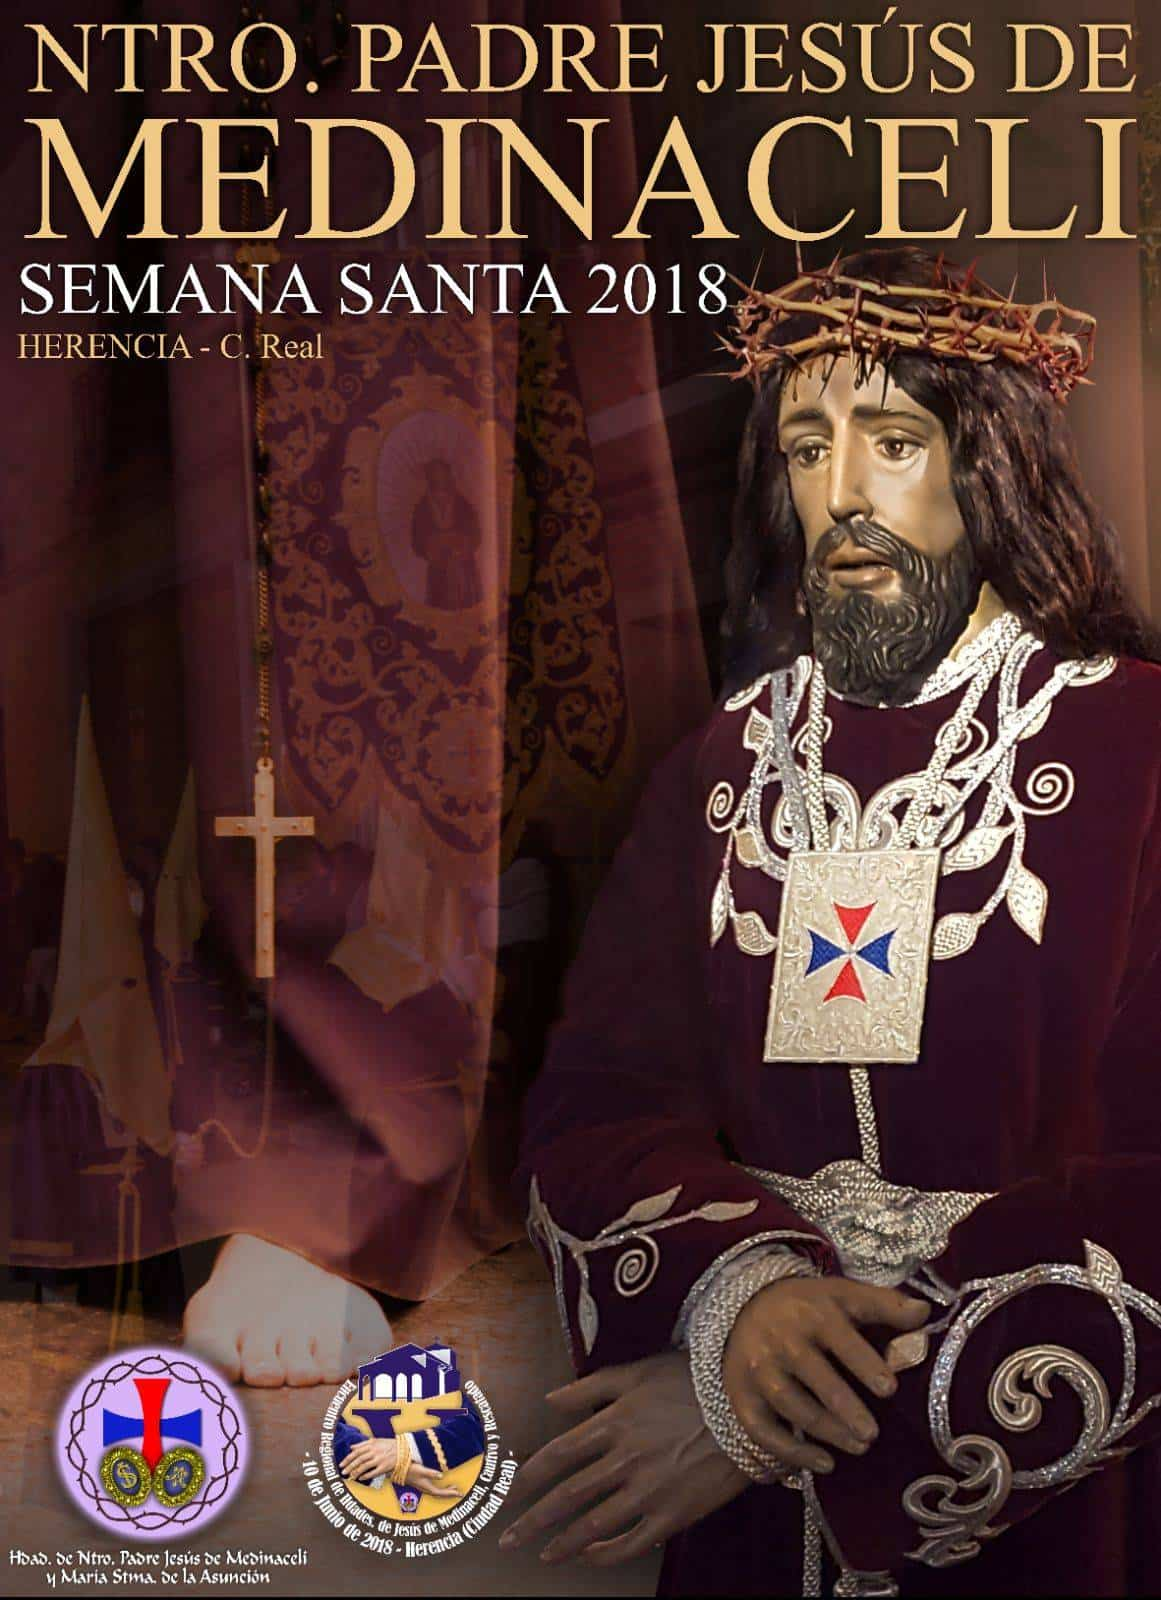 Cartel y recorrido de Jesús de Medinaceli en su estación de penitencia el Jueves Santo 5